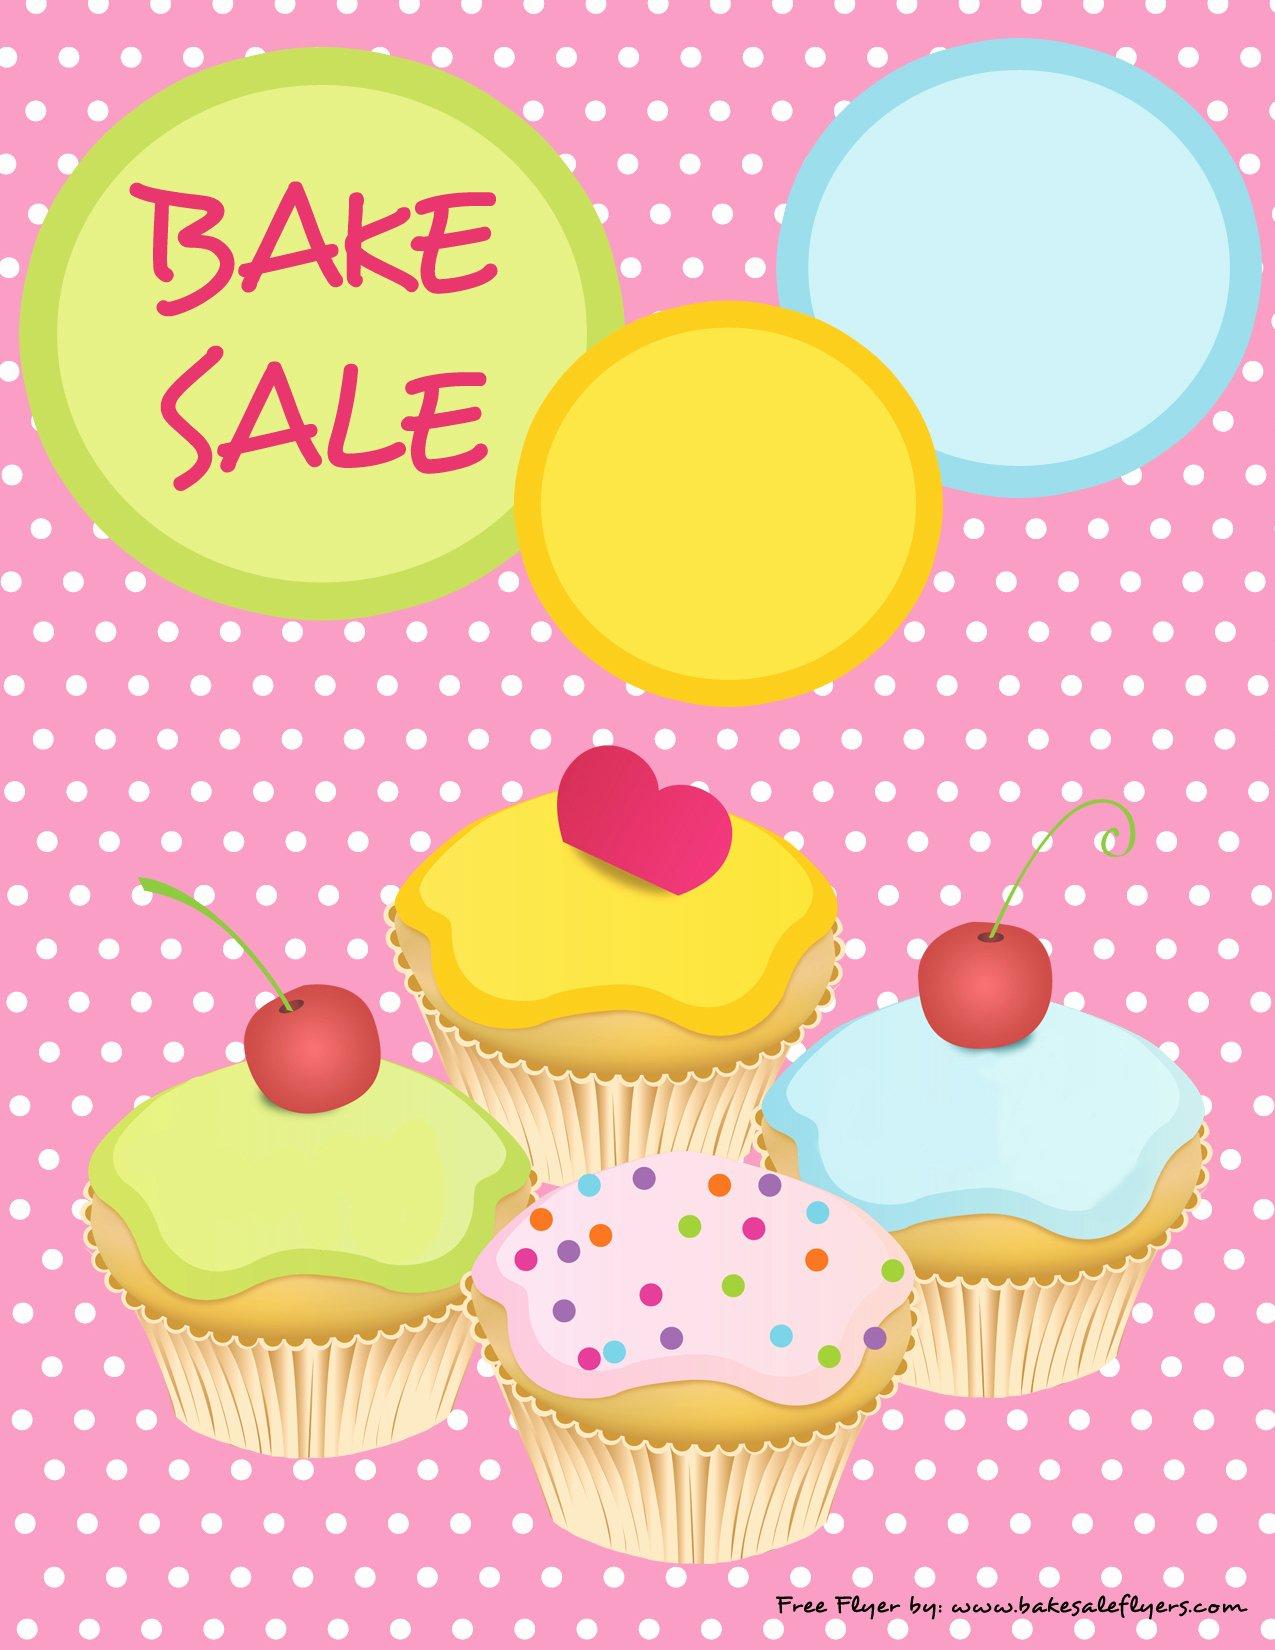 Bake Sale Flyer Template Elegant Bake Sale Flyers – Free Flyer Designs